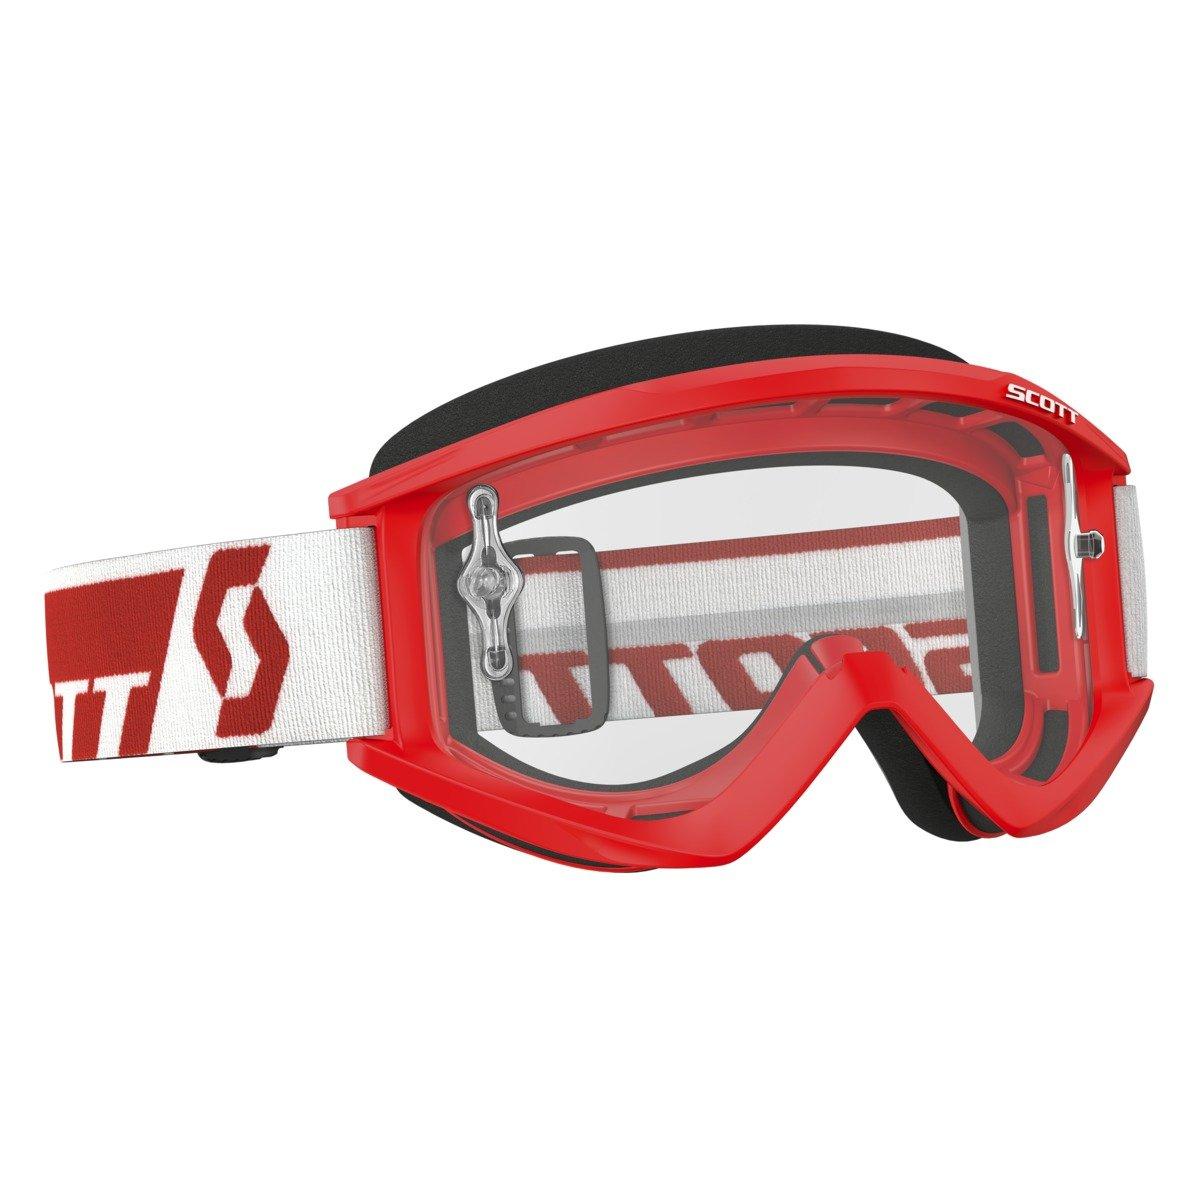 Scott Cross Gafas Recoil XI Rojo/Clear Works